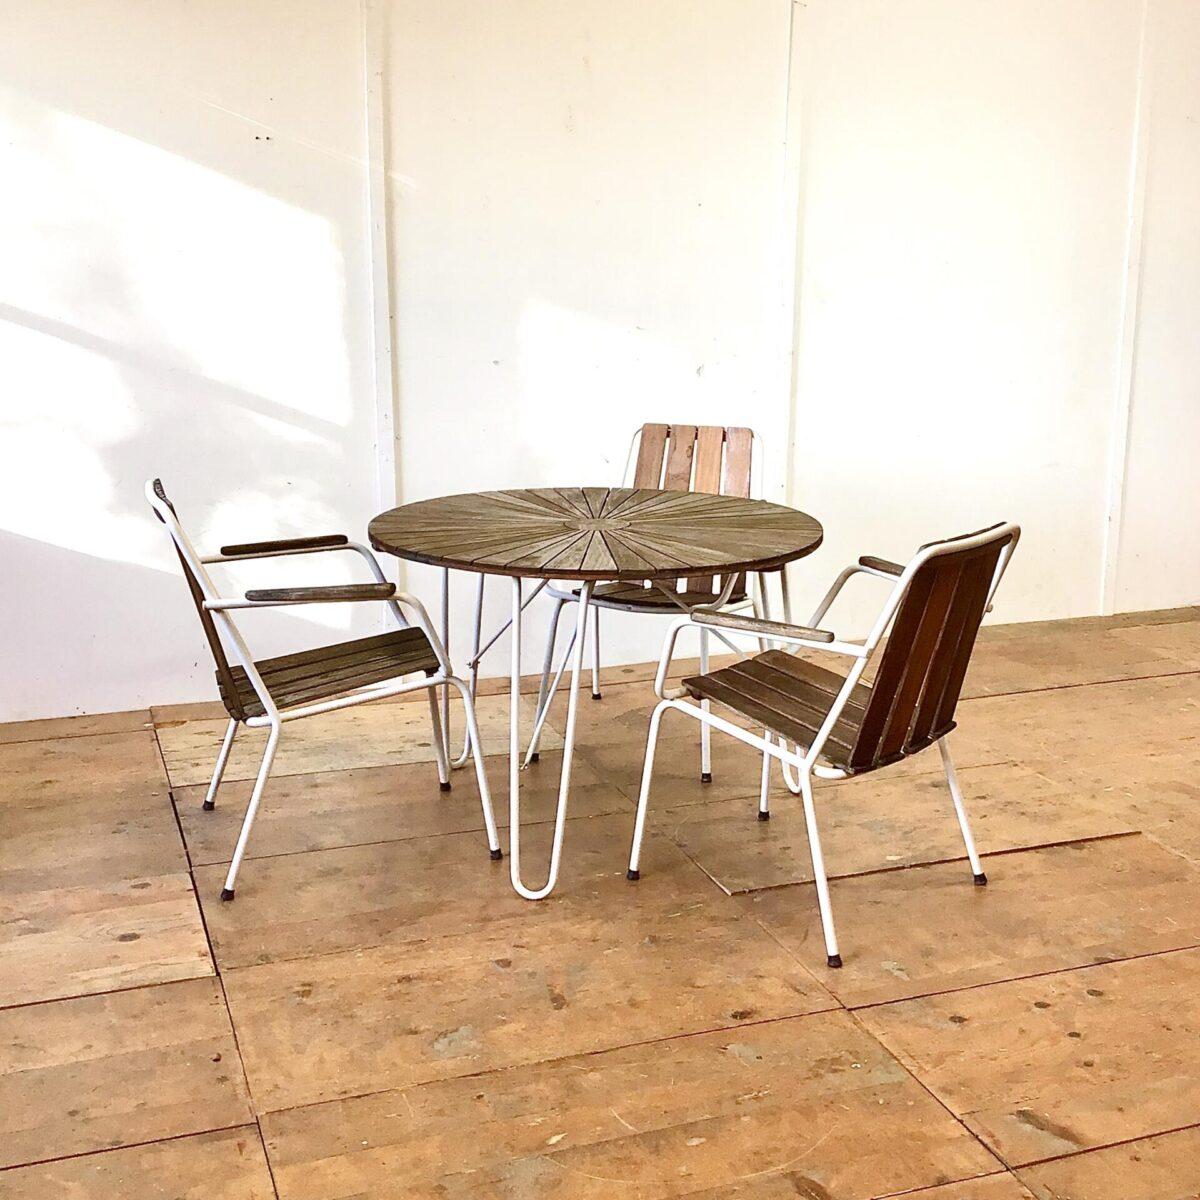 Deuxieme.shop Vintage Gartentisch danish midcentury teaktisch Vintage Gartentisch mit 4 Stühlen. Durchmesser 99cm Höhe 69cm. Die Stapelbaren Armlehnstühle sind sehr bequem. Holzlatten sind aus Teak, welches sehr langlebig und wetterbeständig ist. Es lässt sich auch problemlos etwas auffrischen.